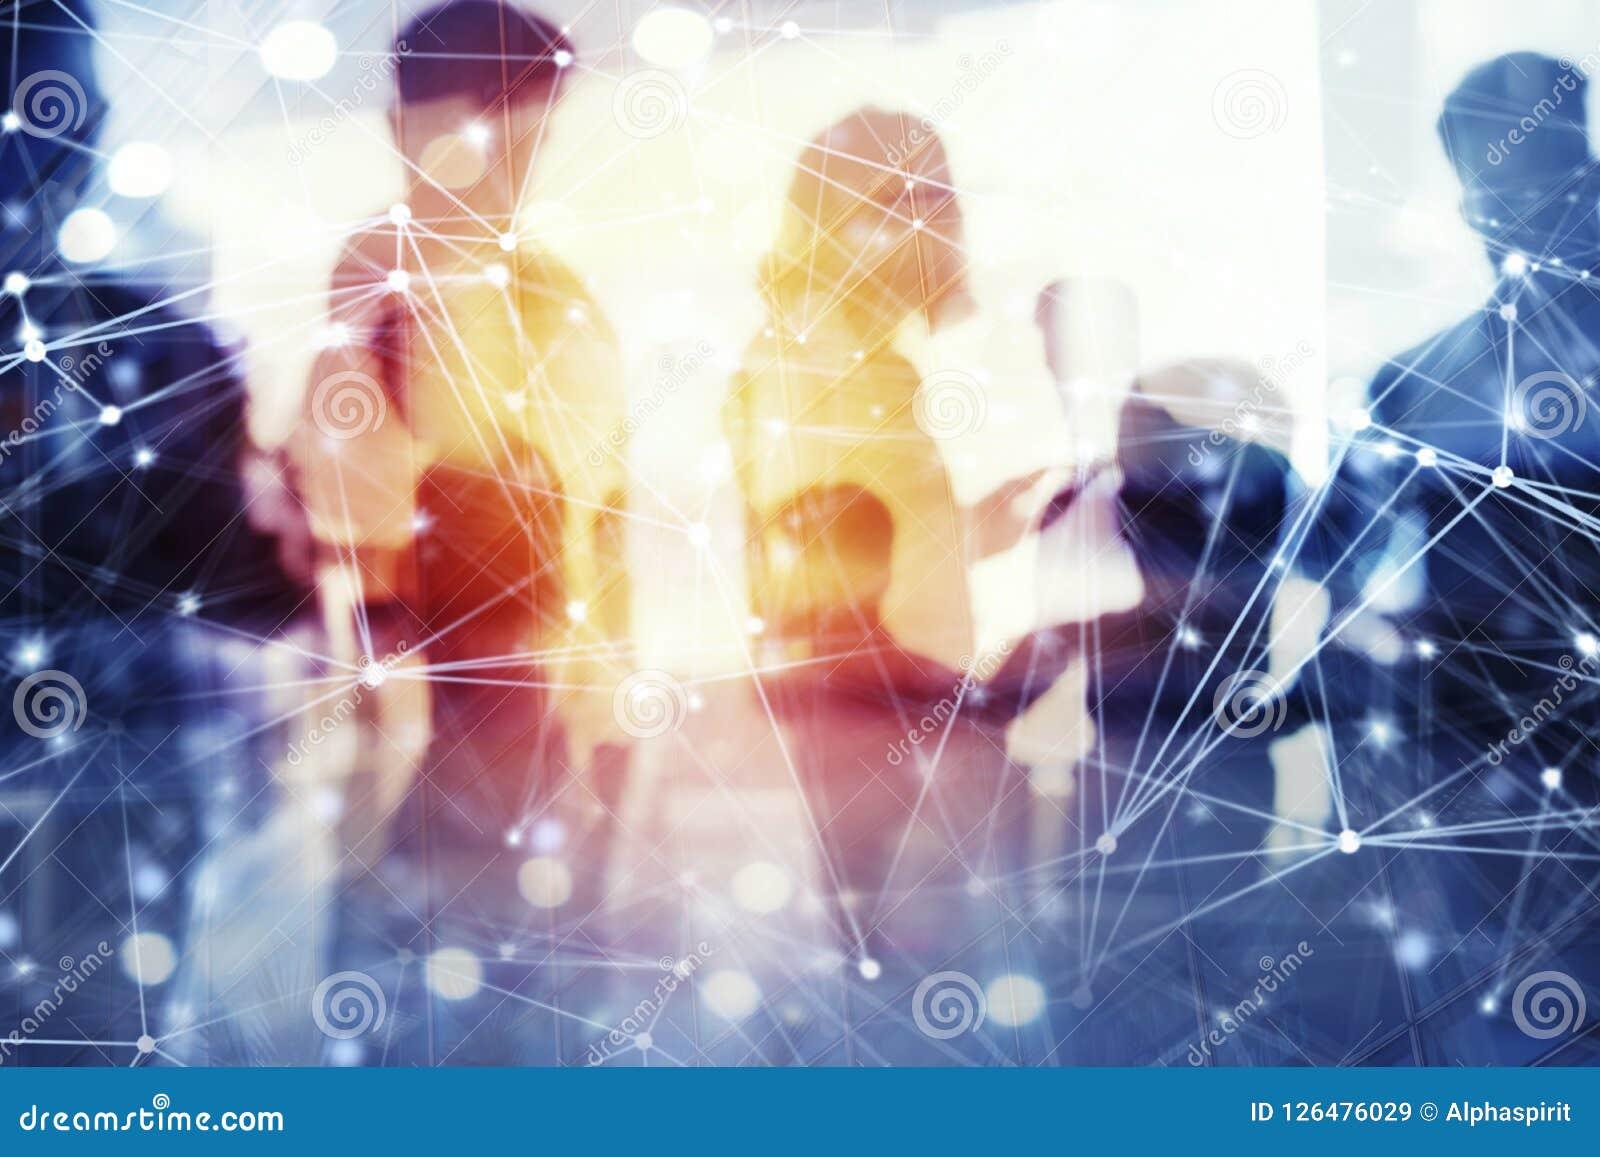 Geschäftsleute arbeiten im Büro mit Internet-Effekten zusammen Konzept der Teamwork und der Partnerschaft doppeltes